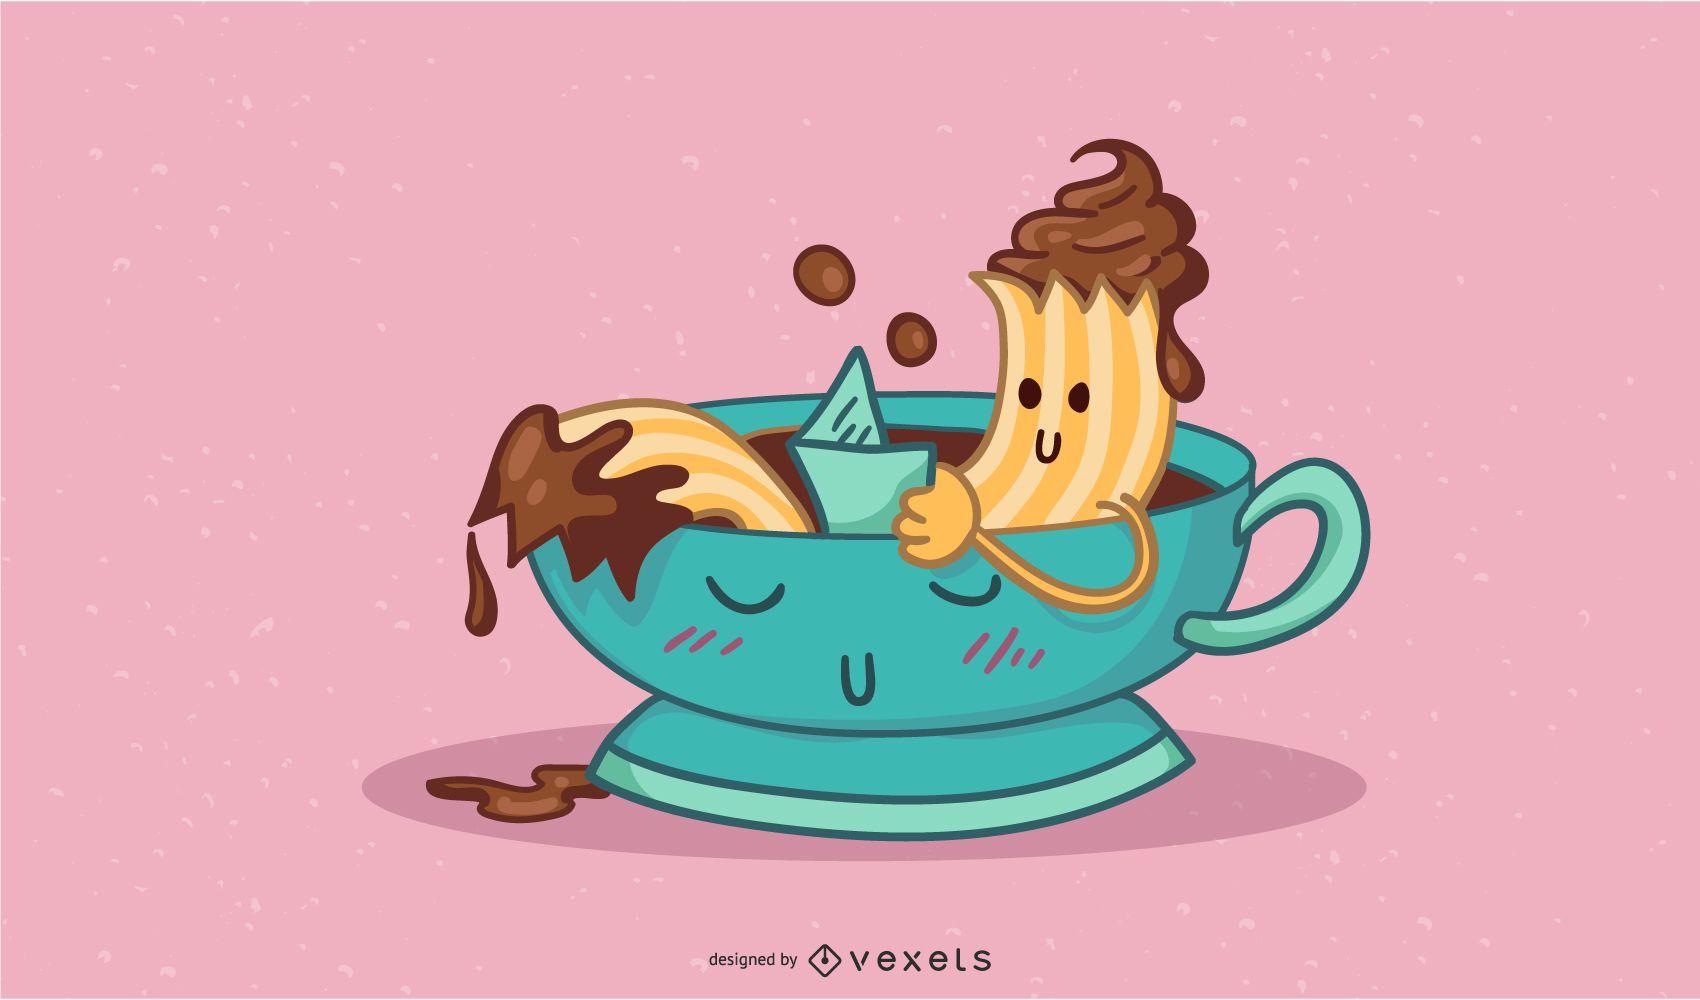 Ilustración de personaje de comida de chocolate churro